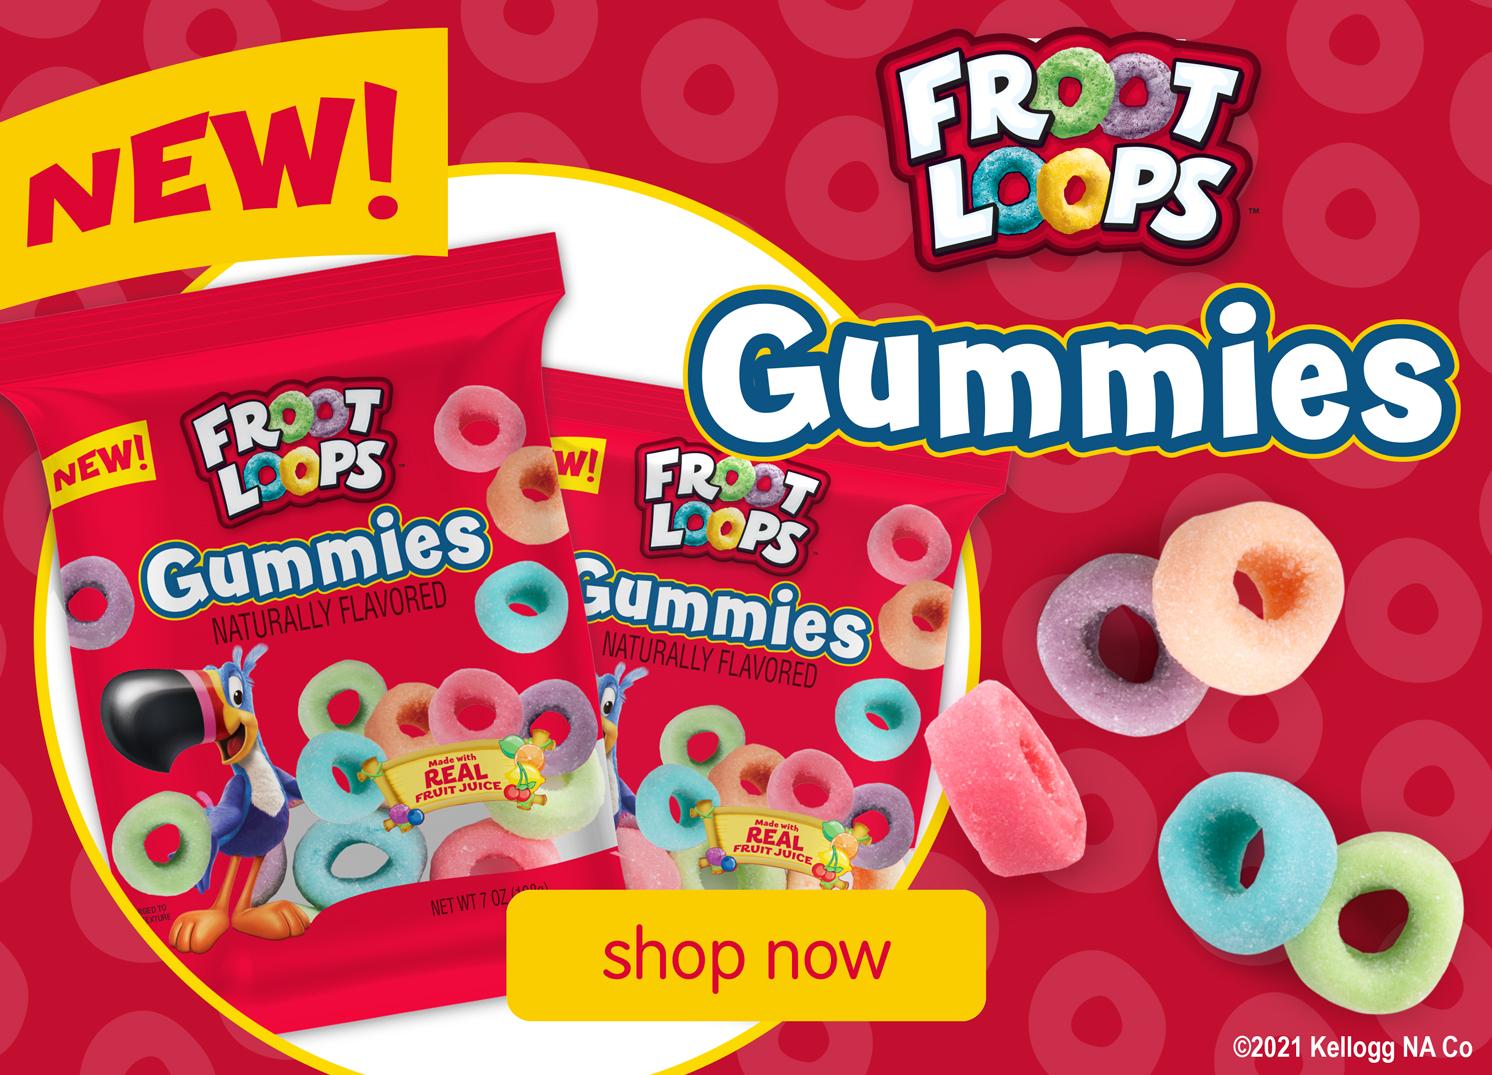 Froot Loops Gummies